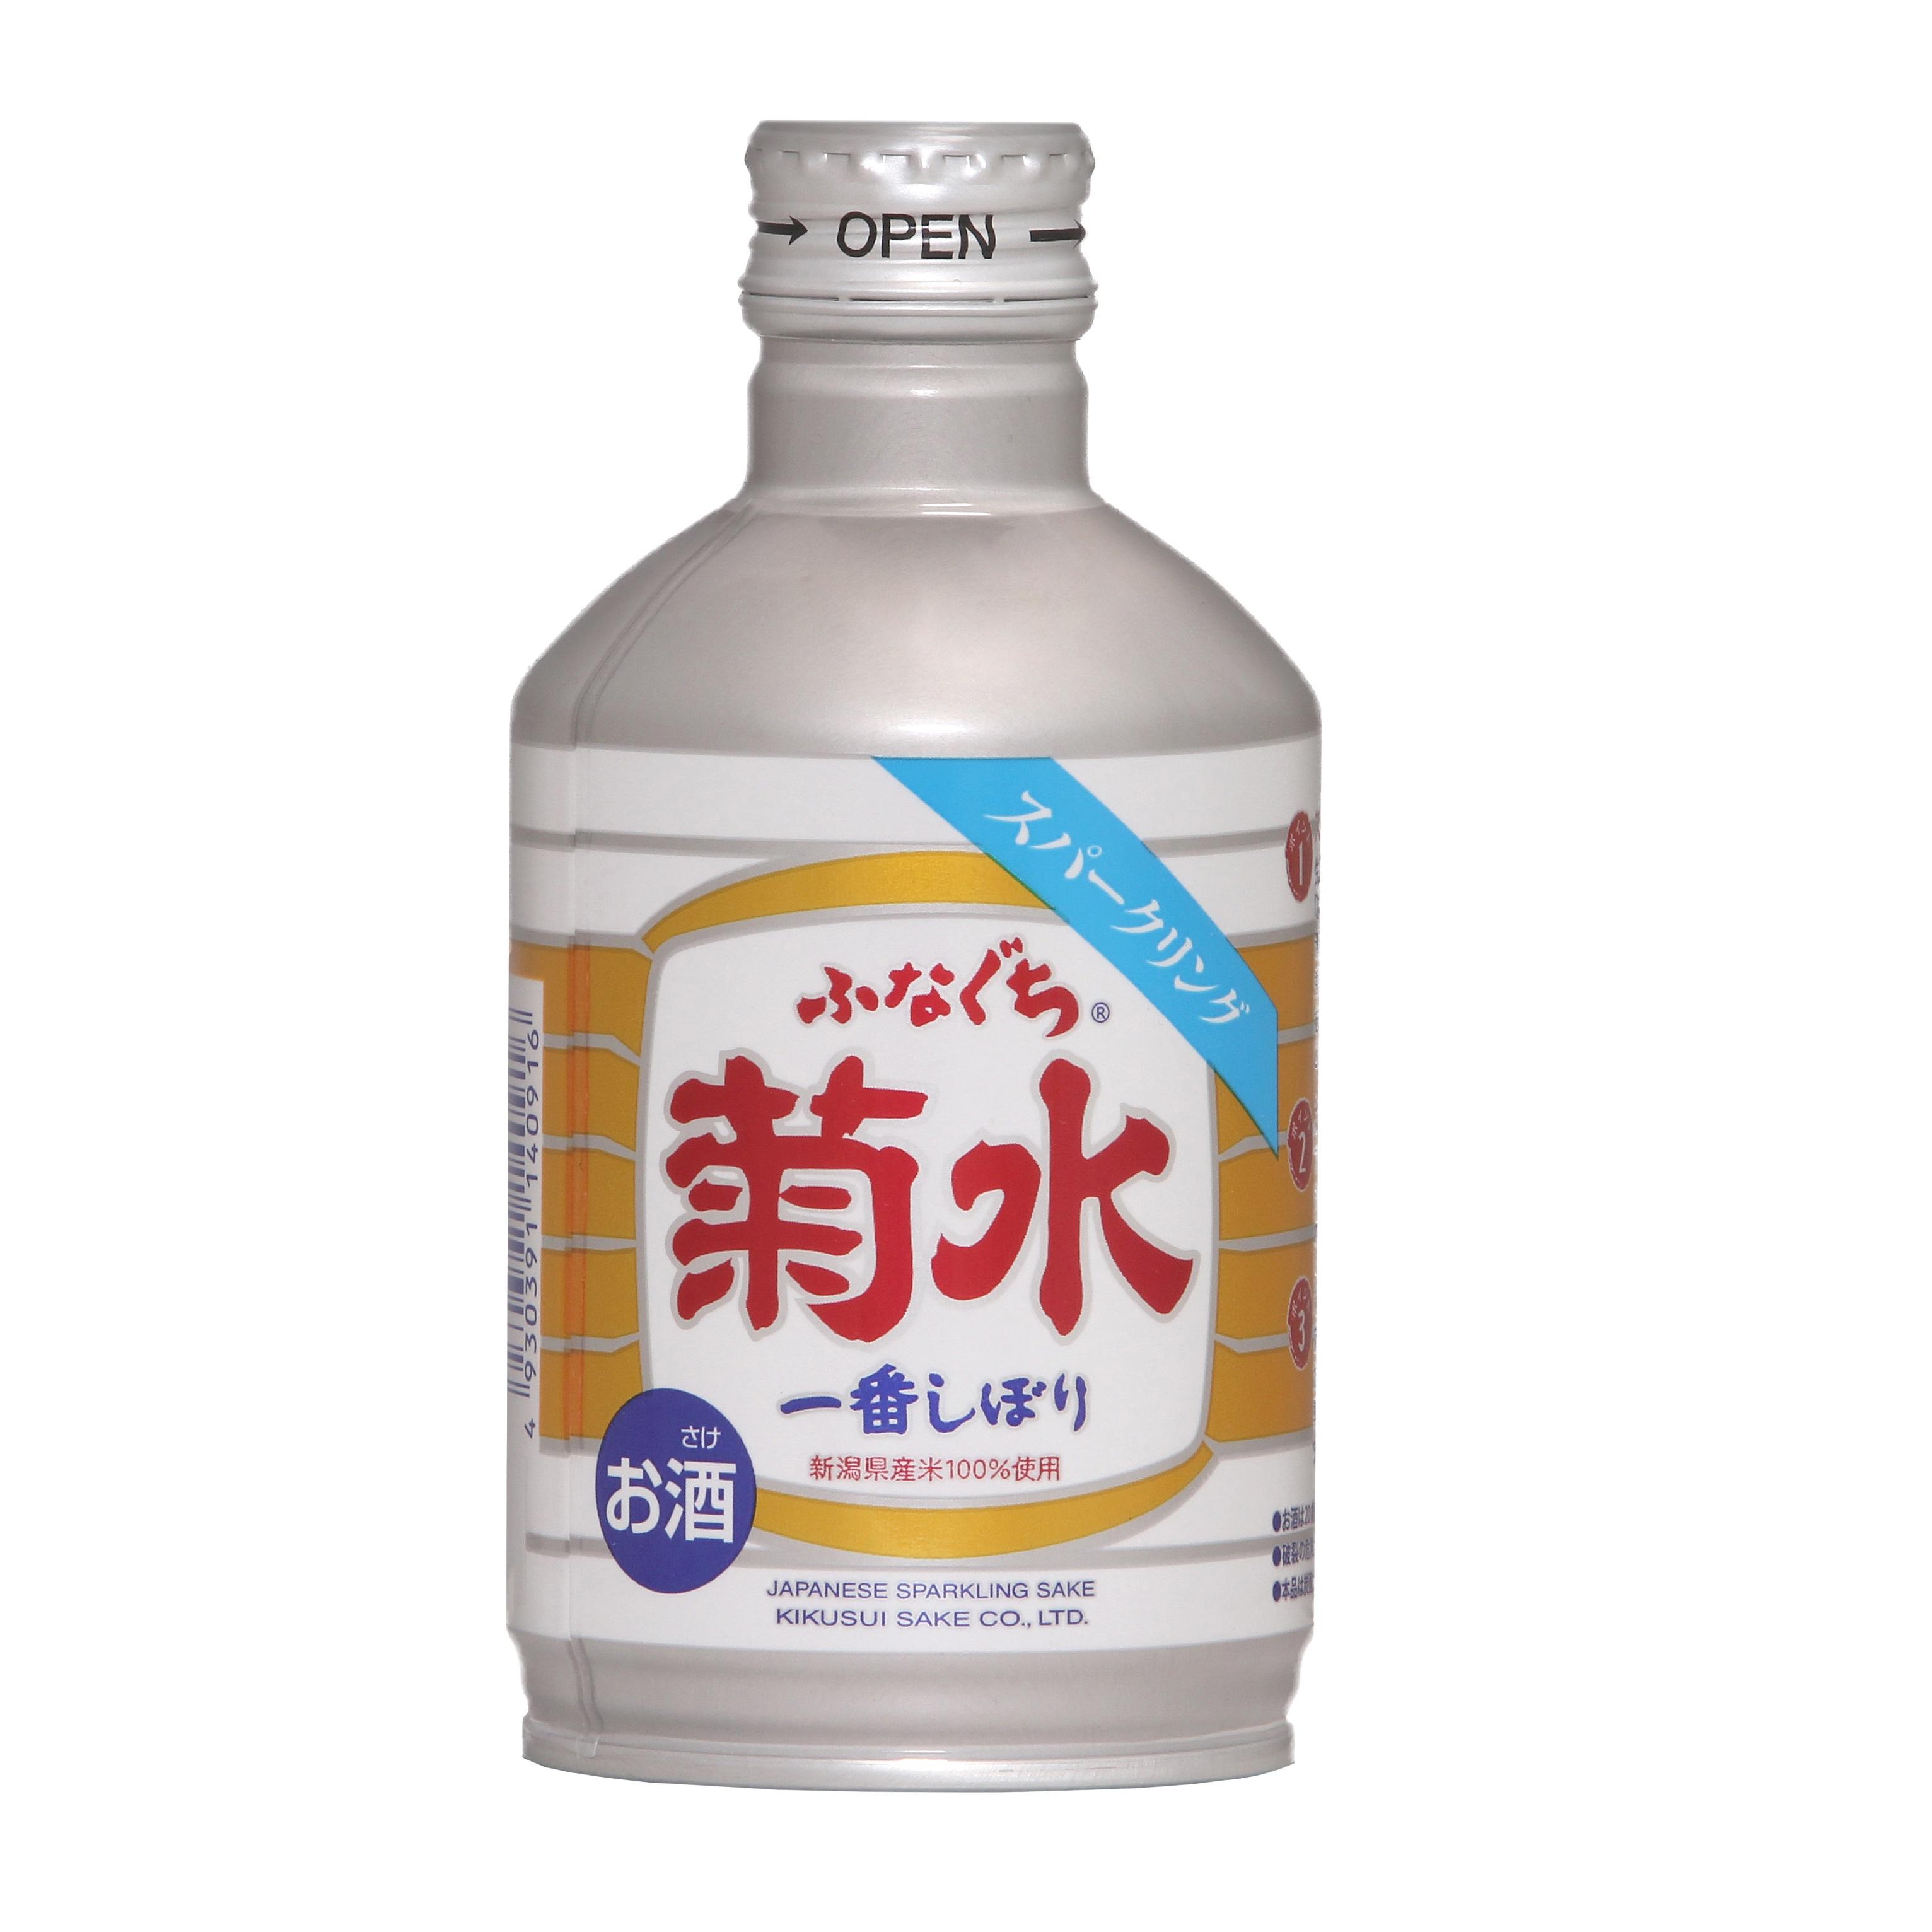 【新潟県内先行発売】アルコール19%の生原酒スパークリング